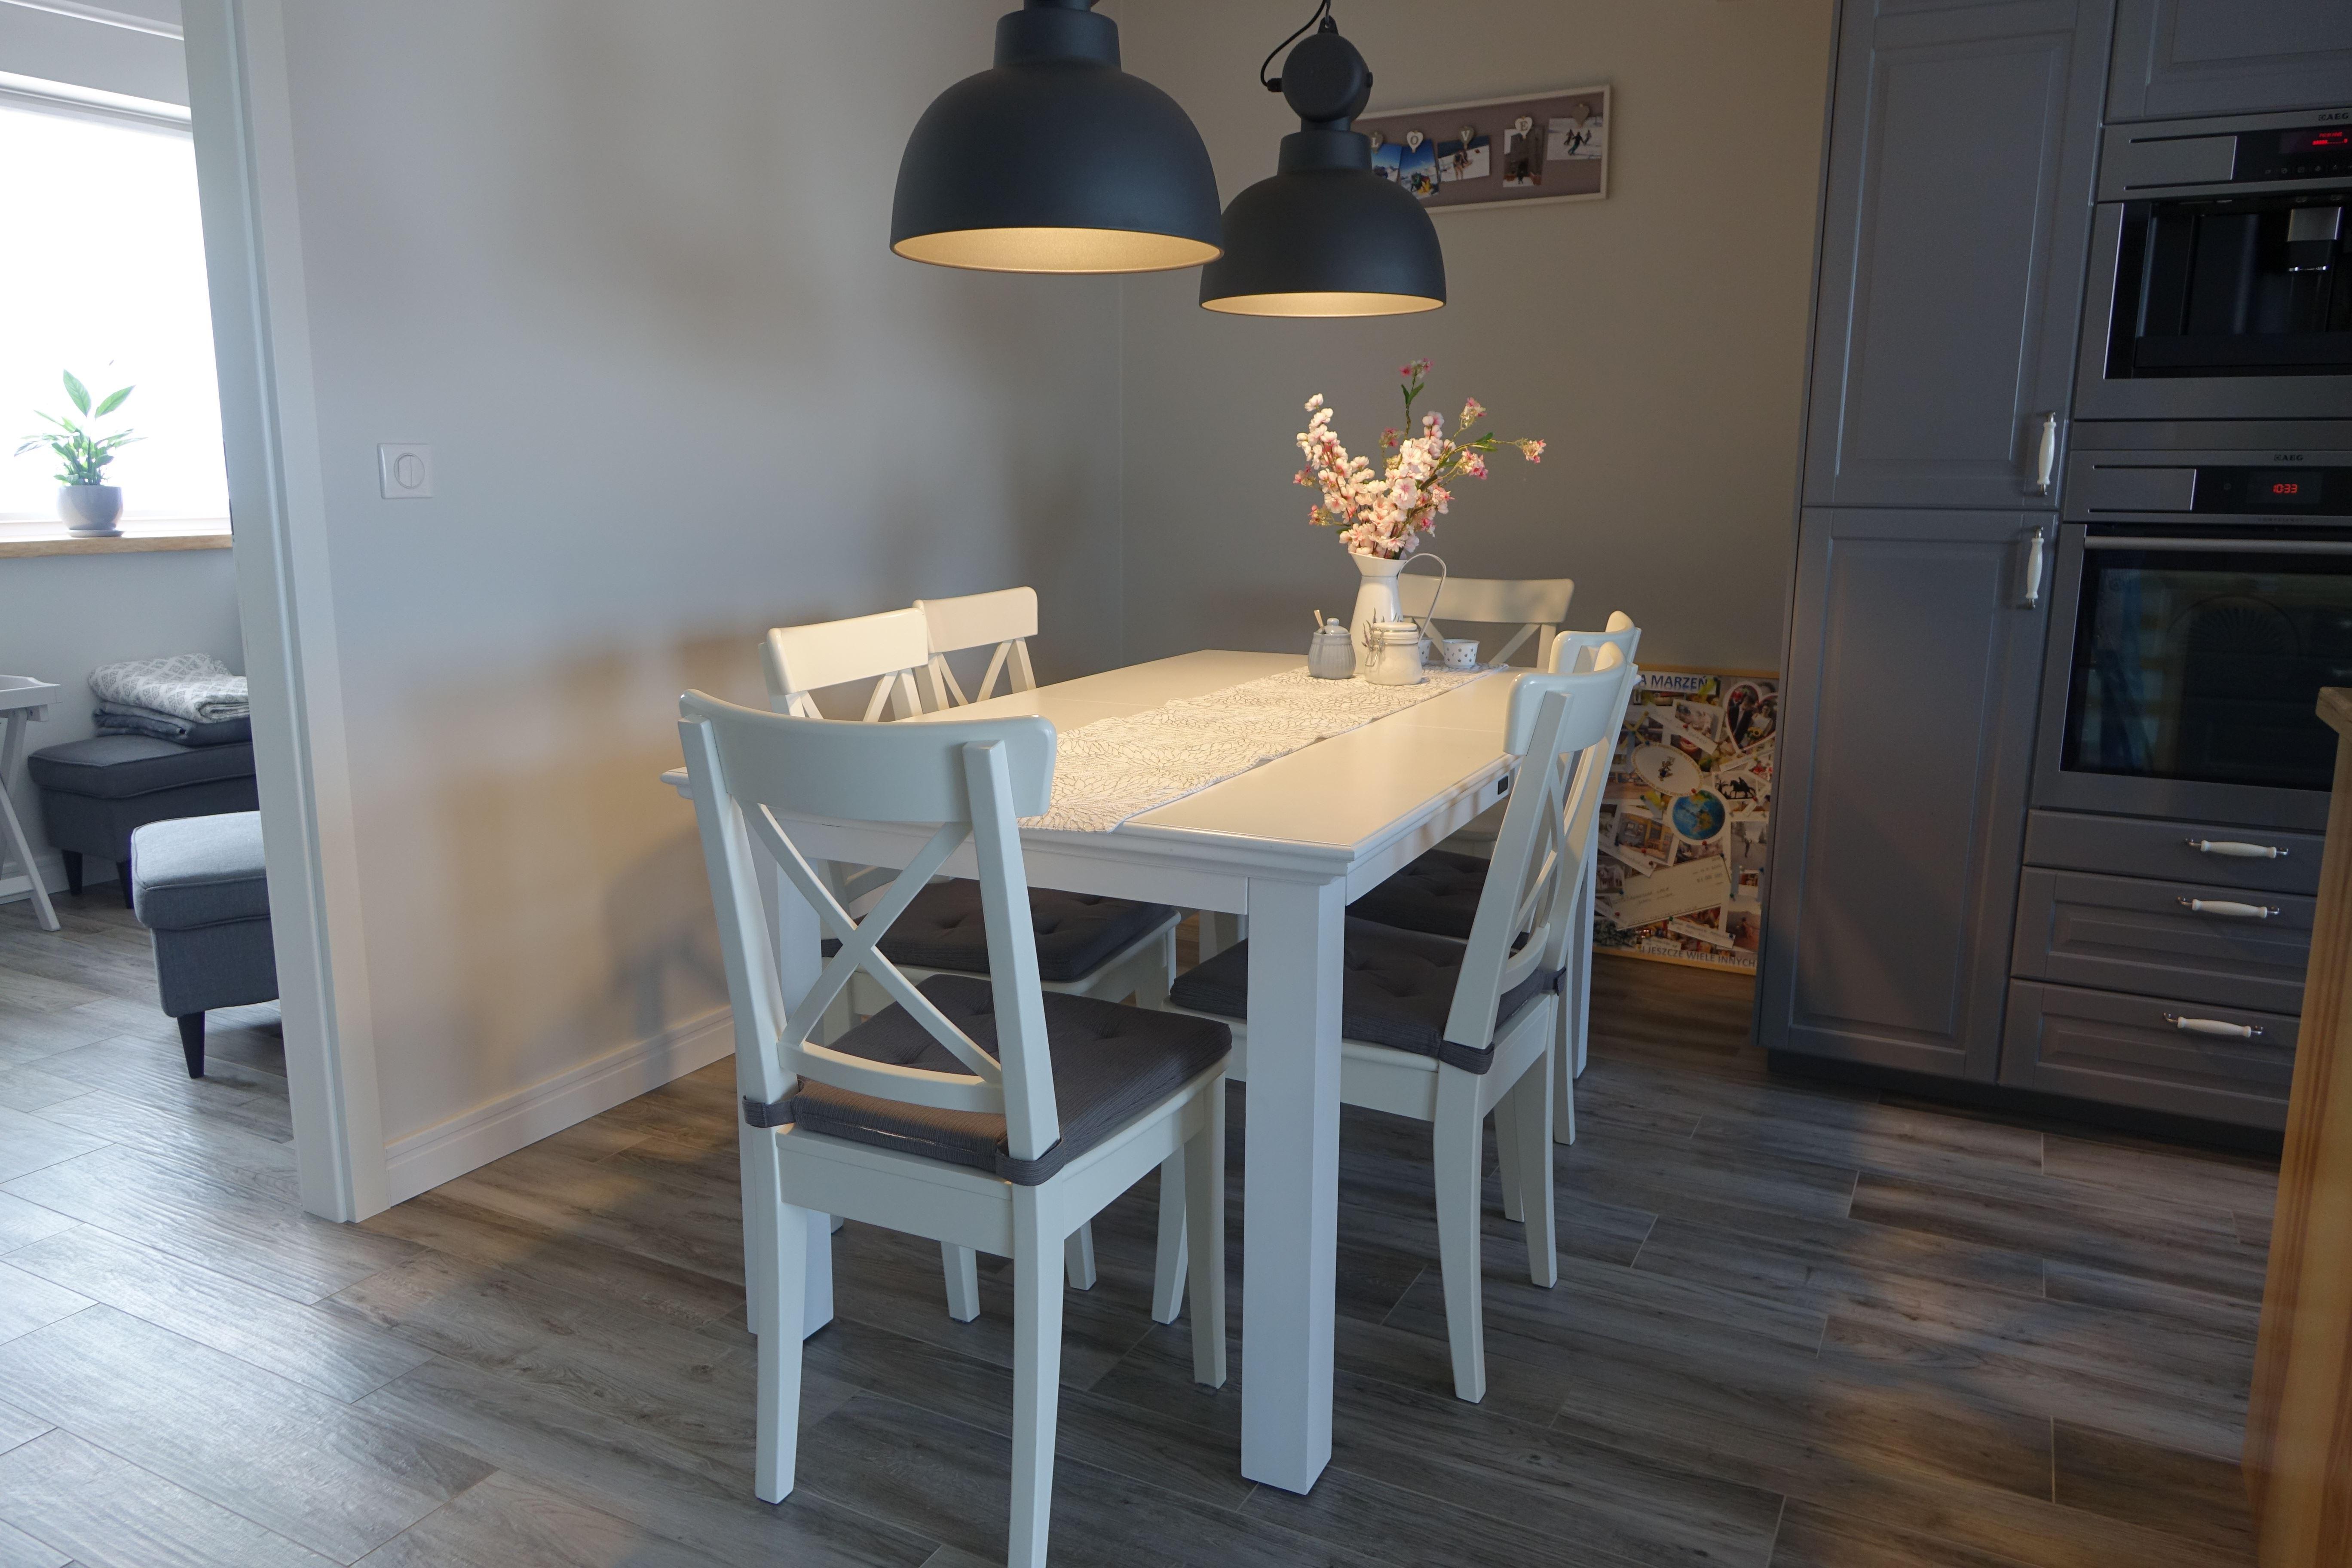 Drewniany stół i krzesła (białe, drewniane, meble).